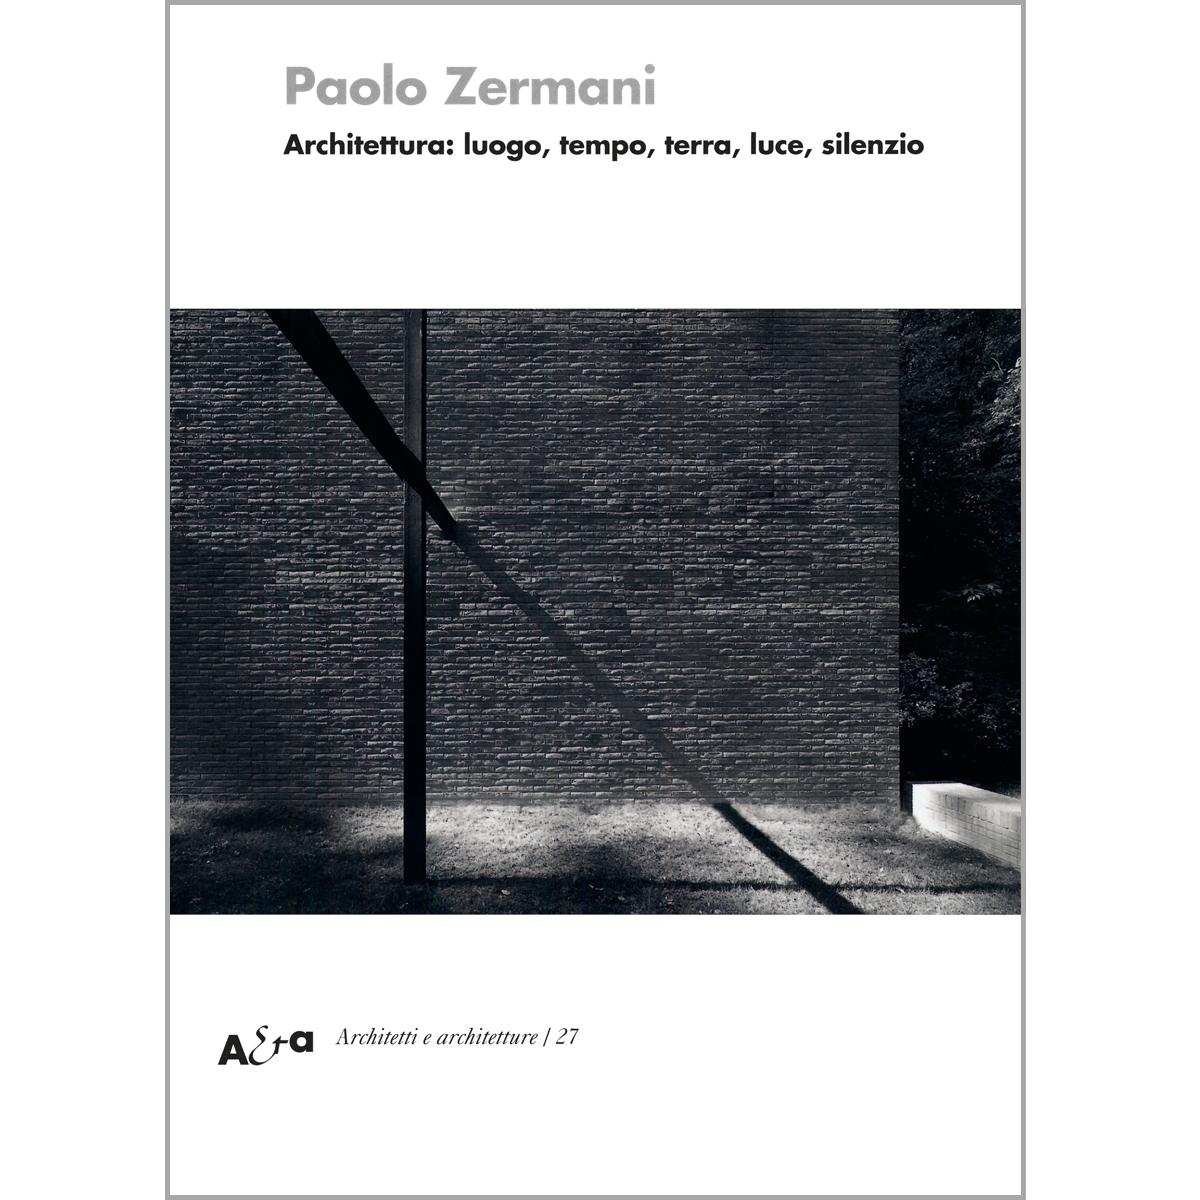 Paolo Zermani